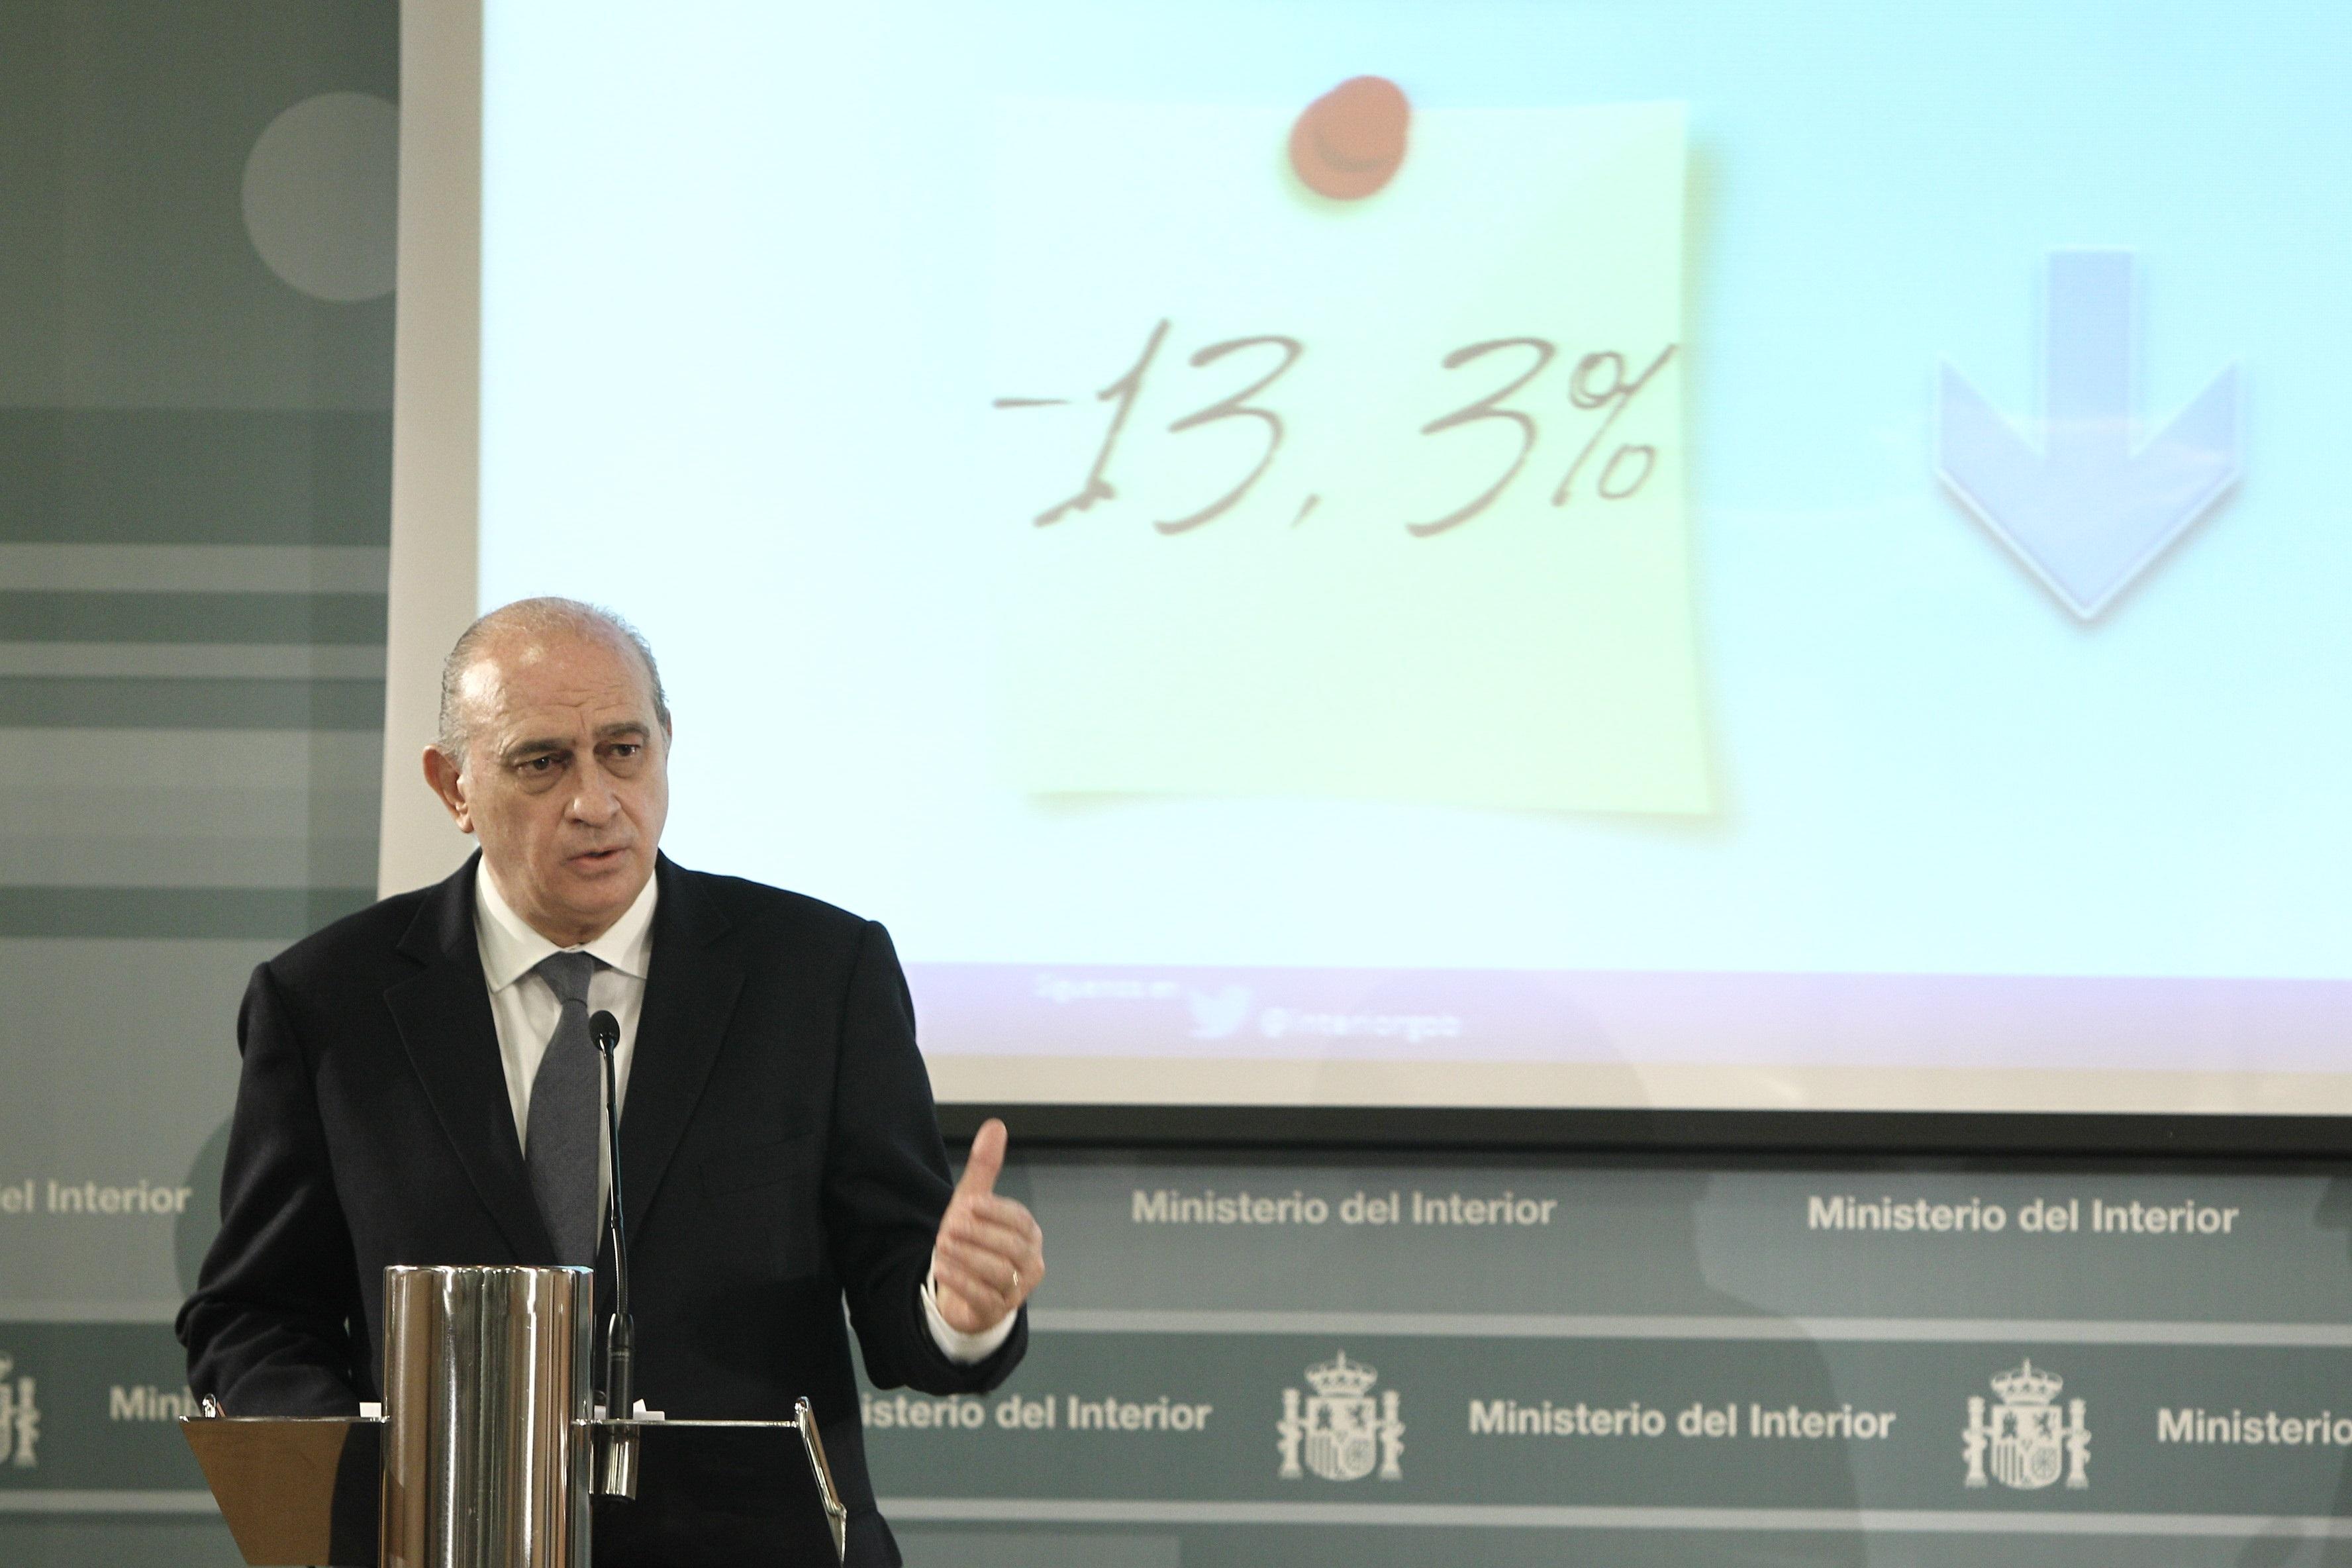 Fernández Díaz resta importancia a las diferencias internas en el PP: «Yo no sé si es marejada o marejadilla»